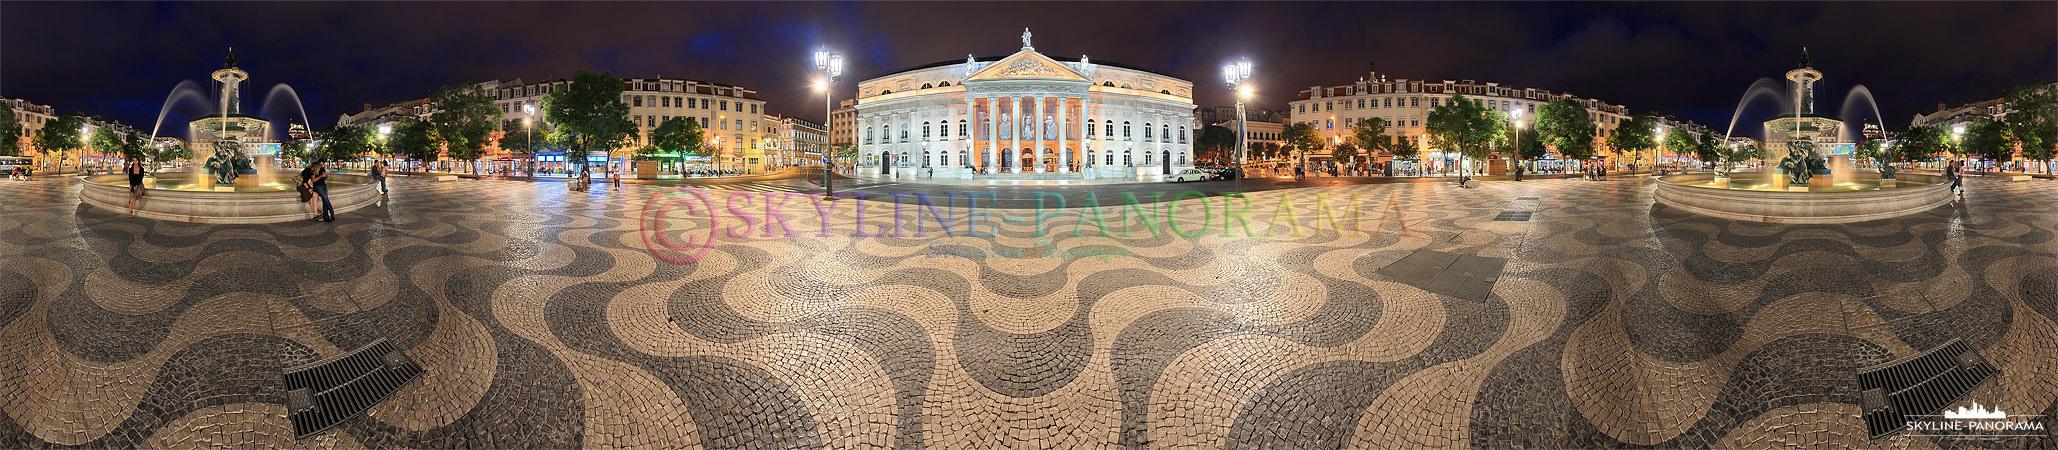 Portugal Bilder Lissabon - Der Praça Rossio ist einer der drei wichtigsten innerstädtischen Plätze der portugiesischen Hauptstadt Lissabon.